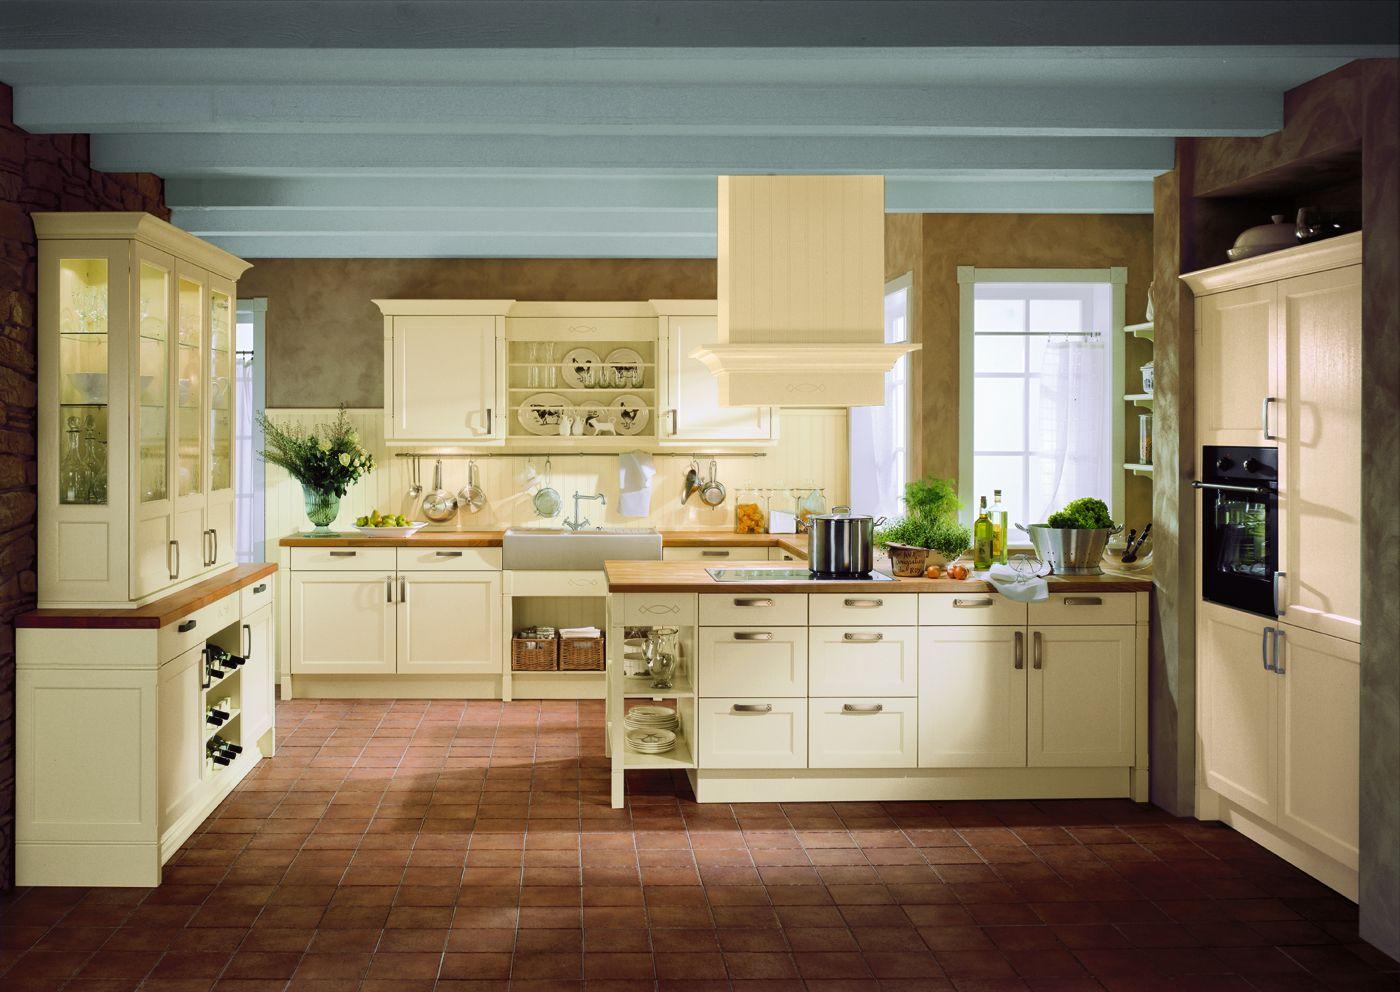 Riverdale Keuken Dealers : huizenga keukenstyle drachten, voor de mooiste keukens van